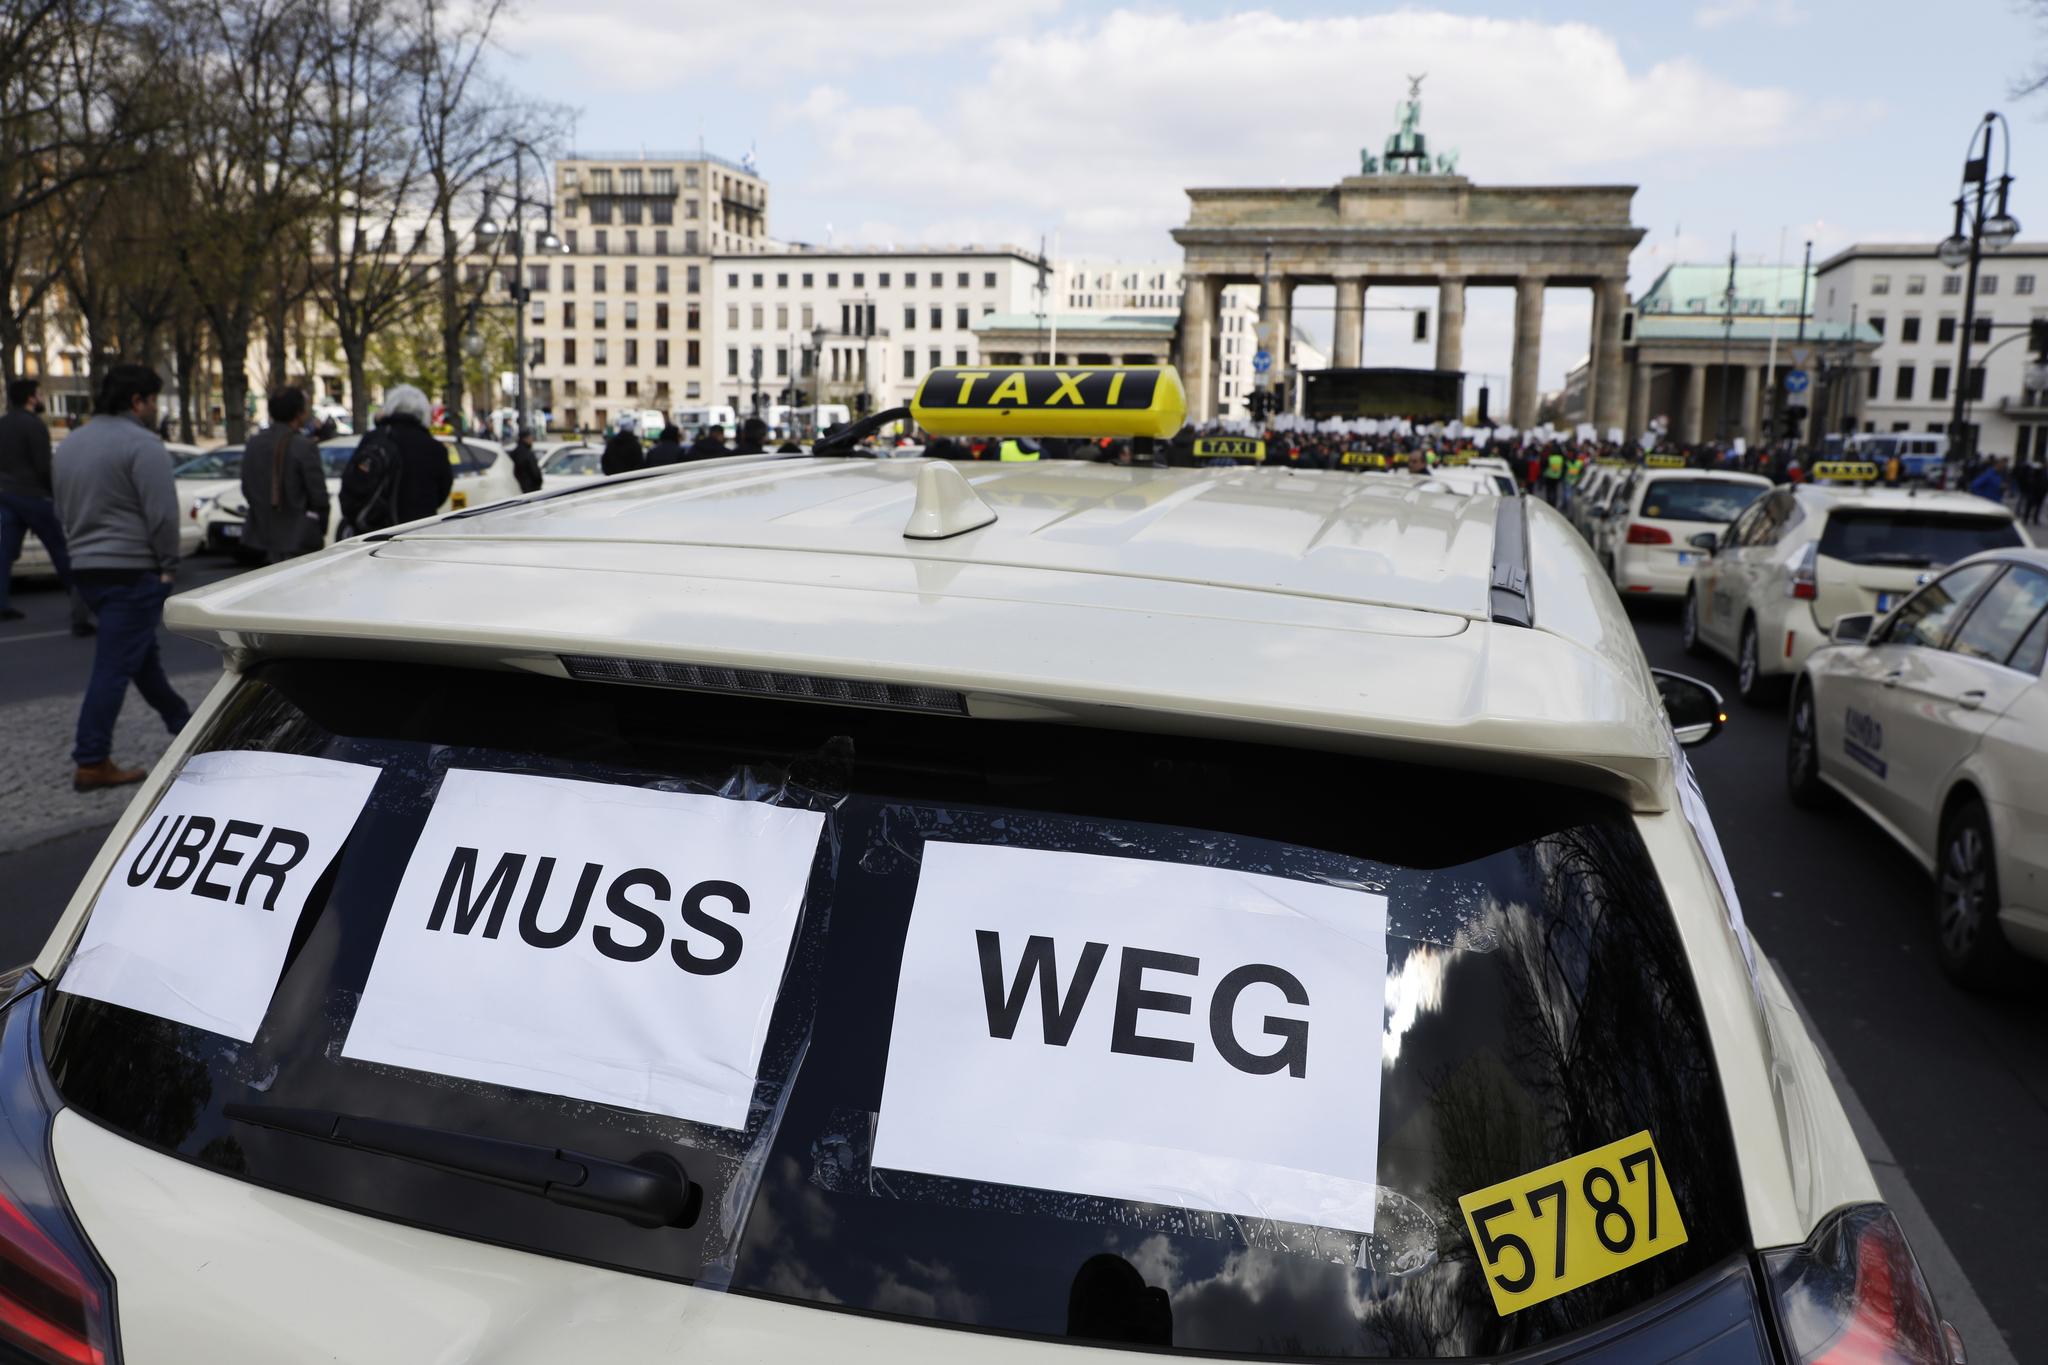 우버를 반대하는 표어를 붙이고 시위를 벌이고 있는 독일 택시들. [연합뉴스]